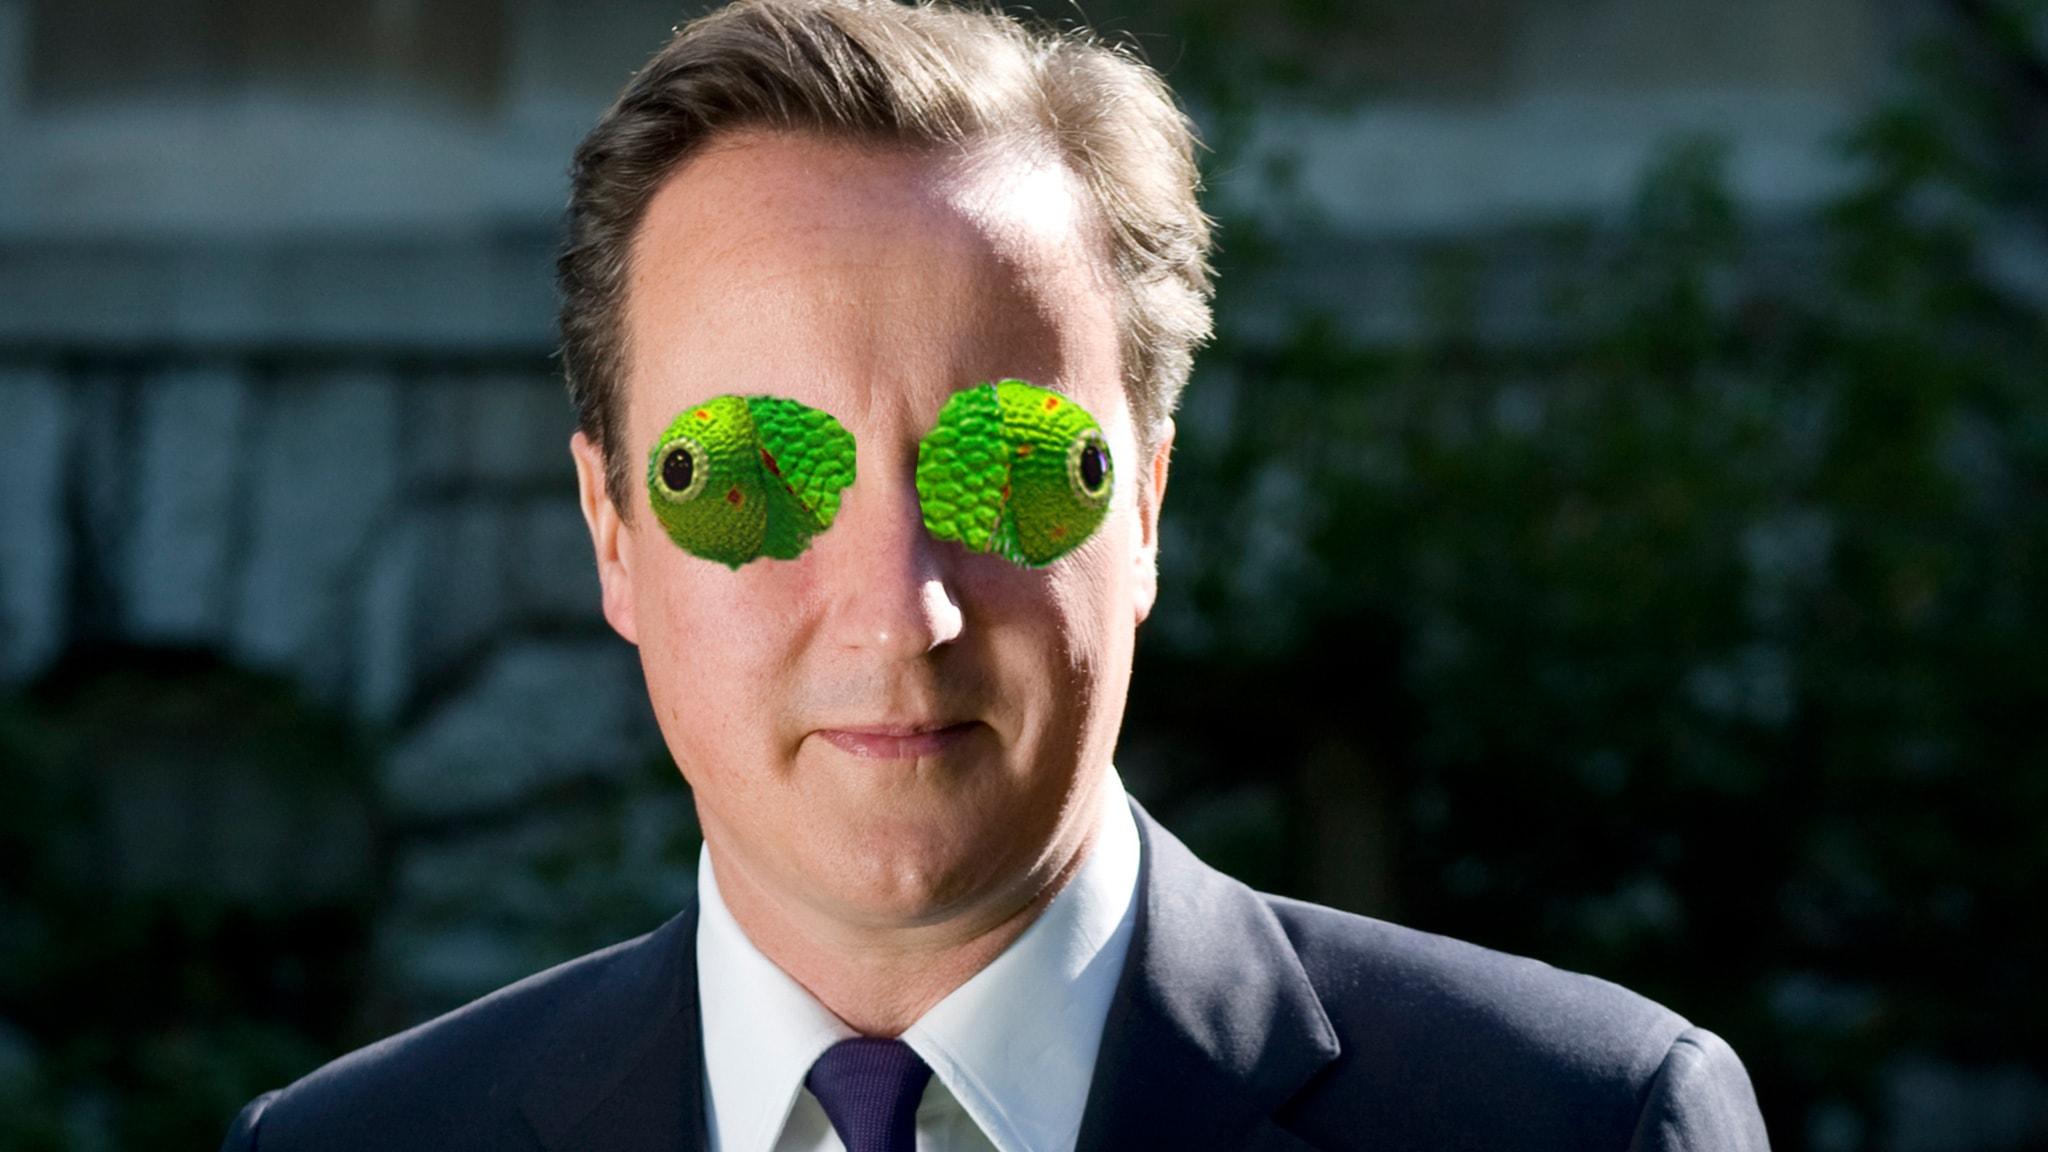 Foto: José Carlos Cortizo Pérez / Chameleon / Number 10 / Prime Minister David Cameron - official photograph / CC BY 2.0